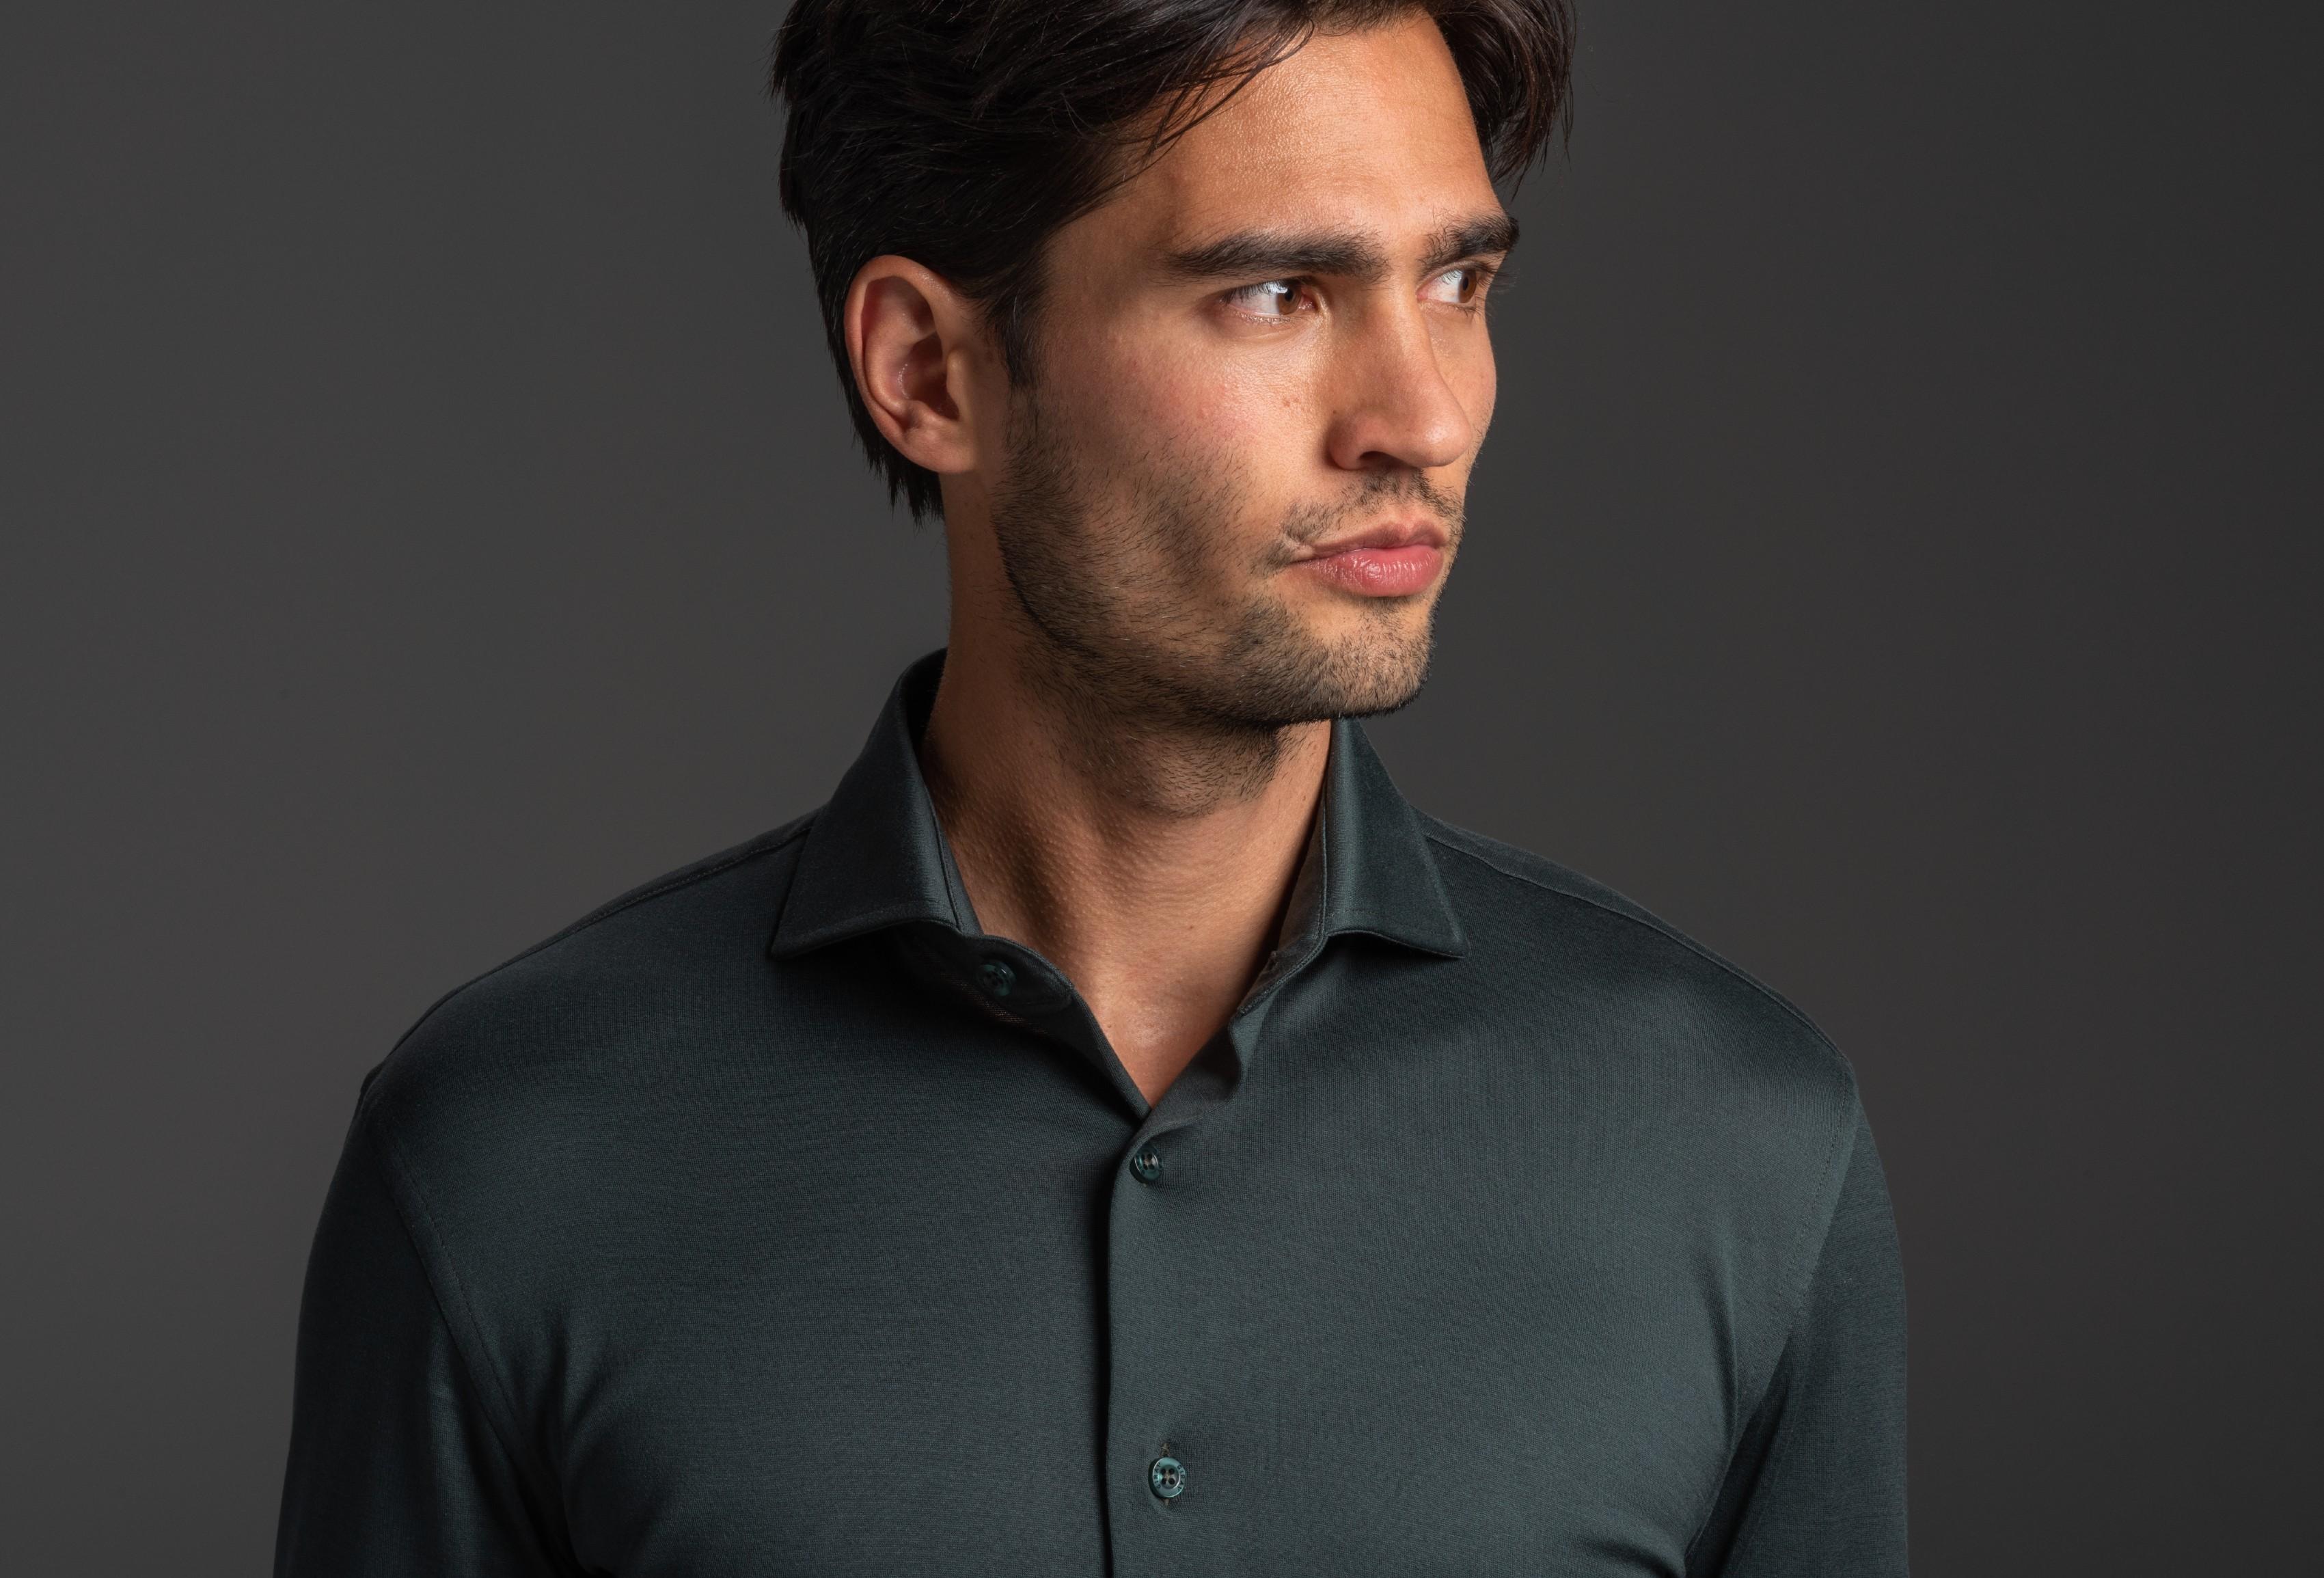 Shirt onder overhemd dragen